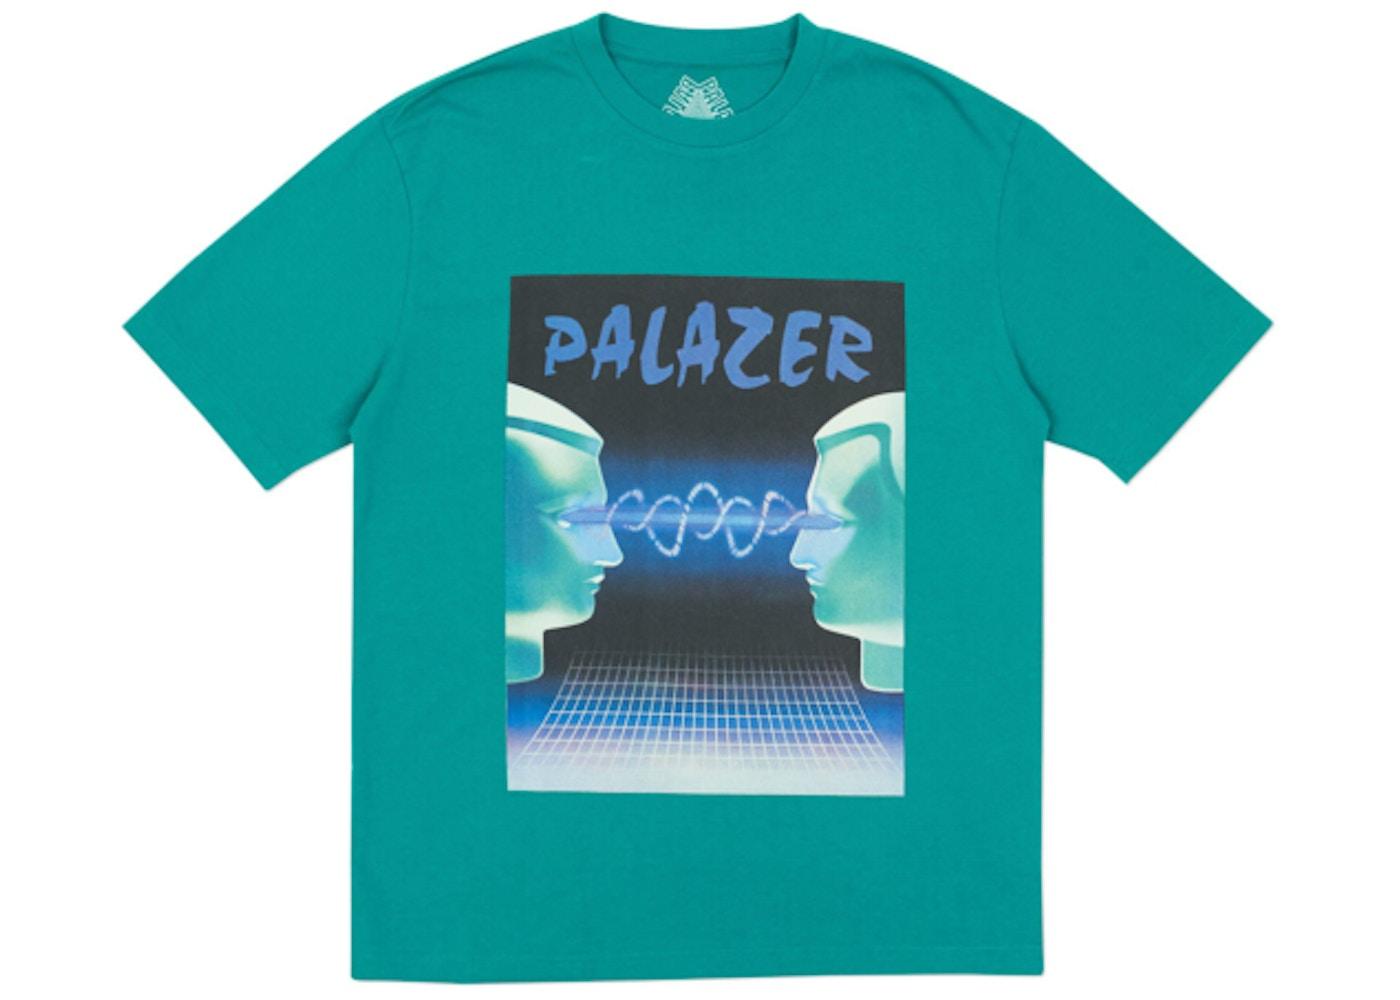 Palace Palazer T-Shirt Sea Green